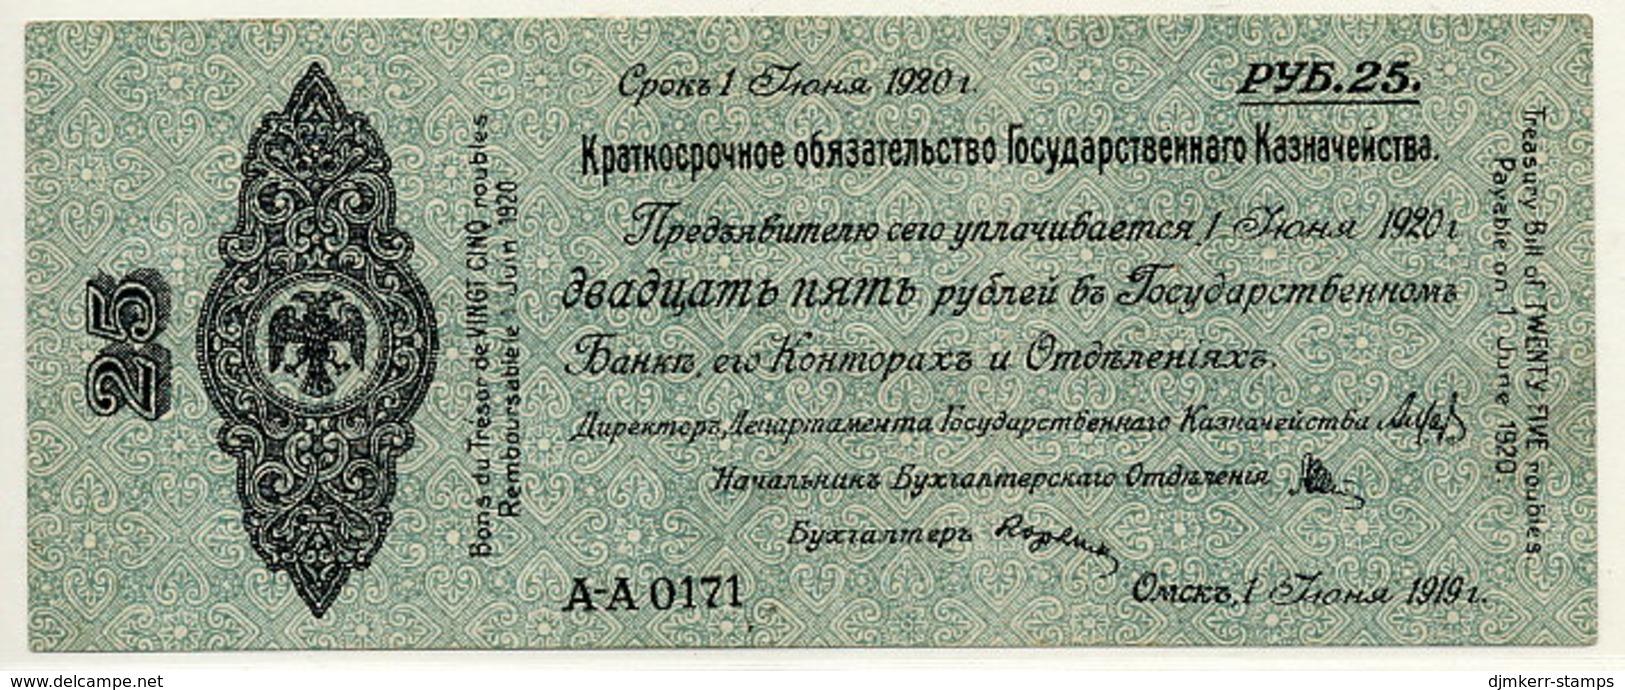 SIBERIA & URALS (Omsk) June 1919 25 Rubles  UNC  S859b - Russia